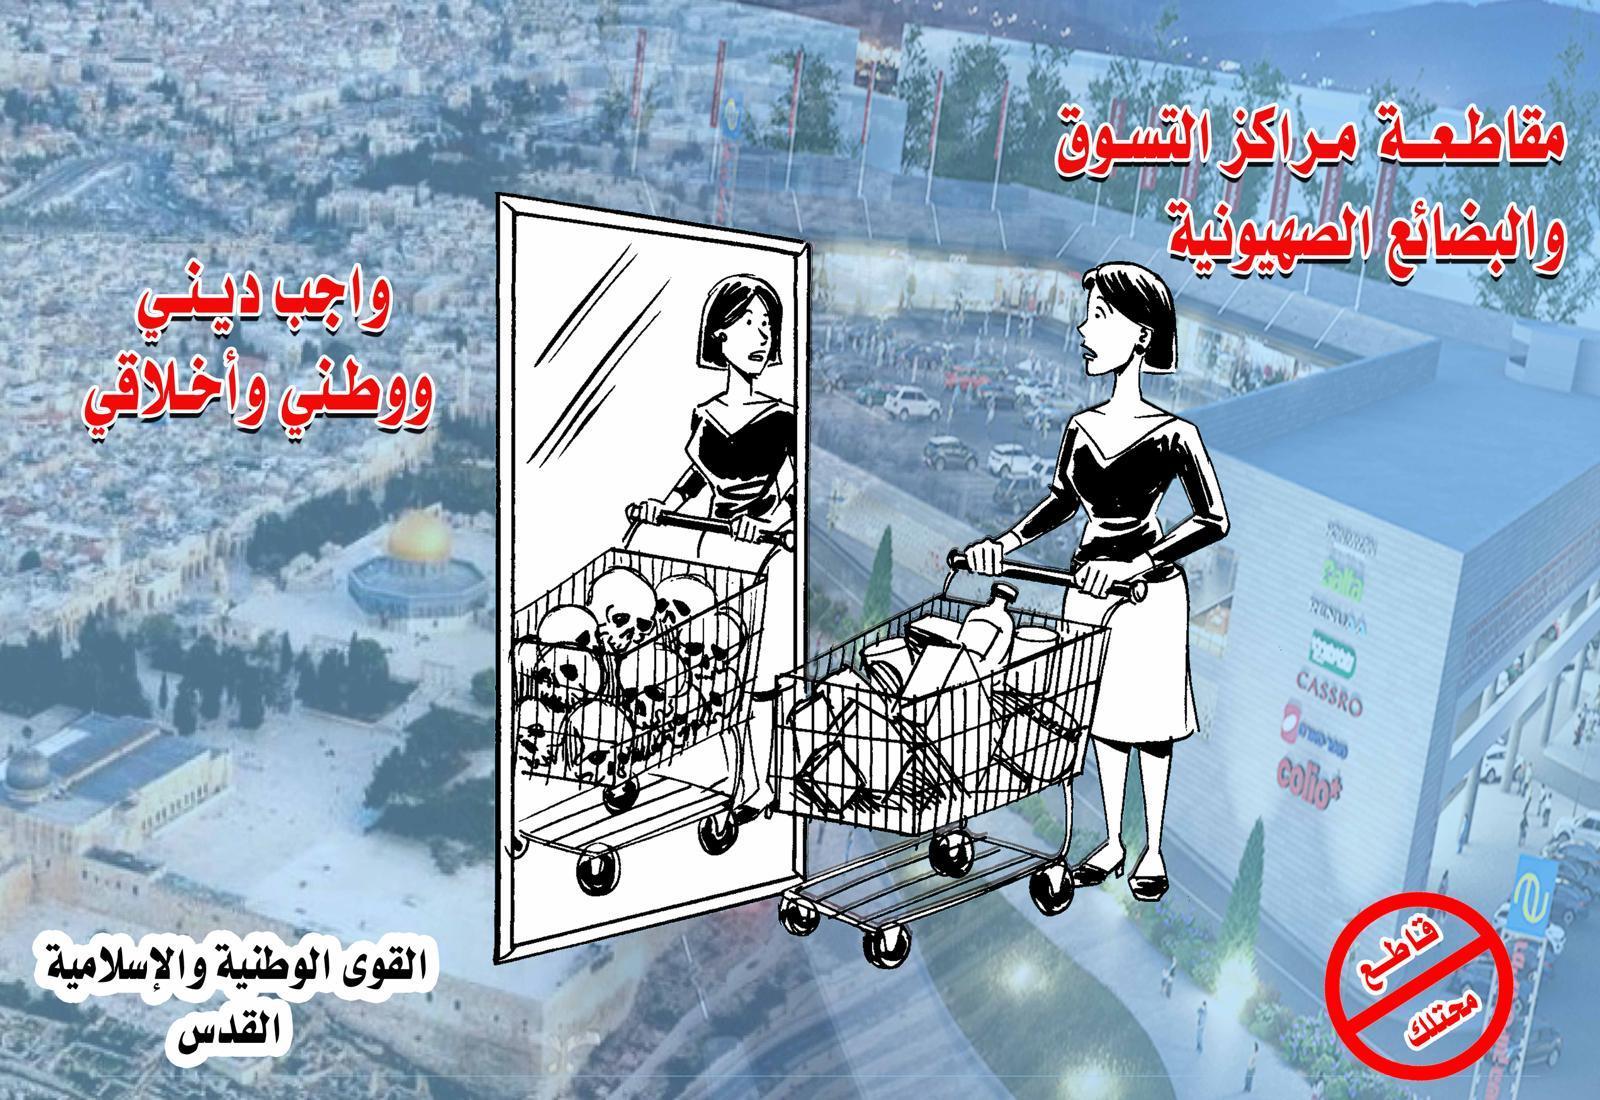 القدس: القوى الوطنية والإسلامية تدعو لمقاطعة مراكز التسوق الإسرائيلية